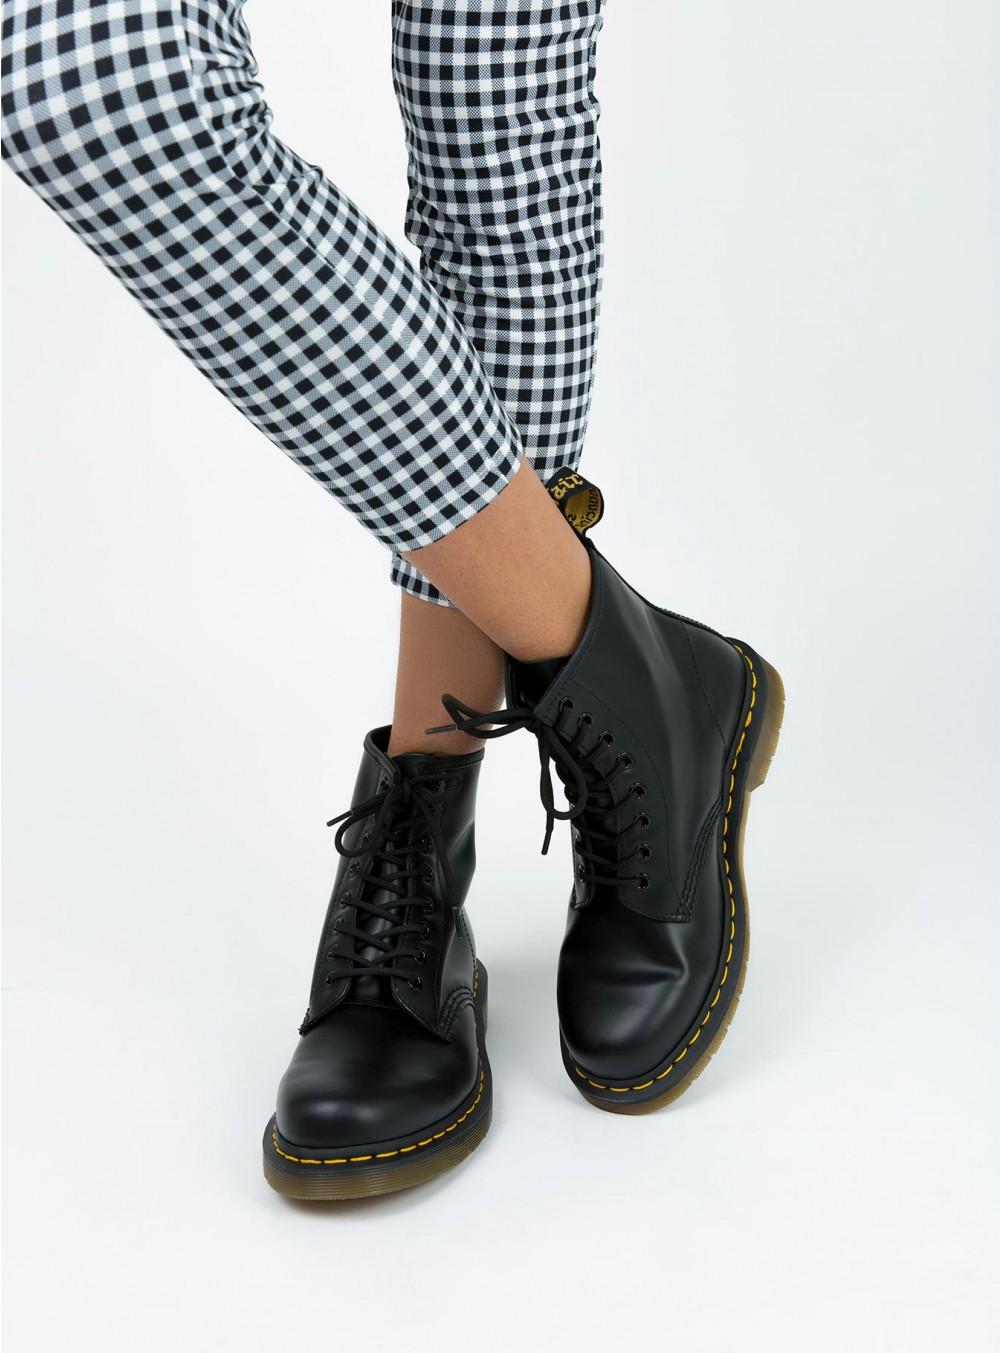 Doc Martens 1460 Nappa Boots   Princess